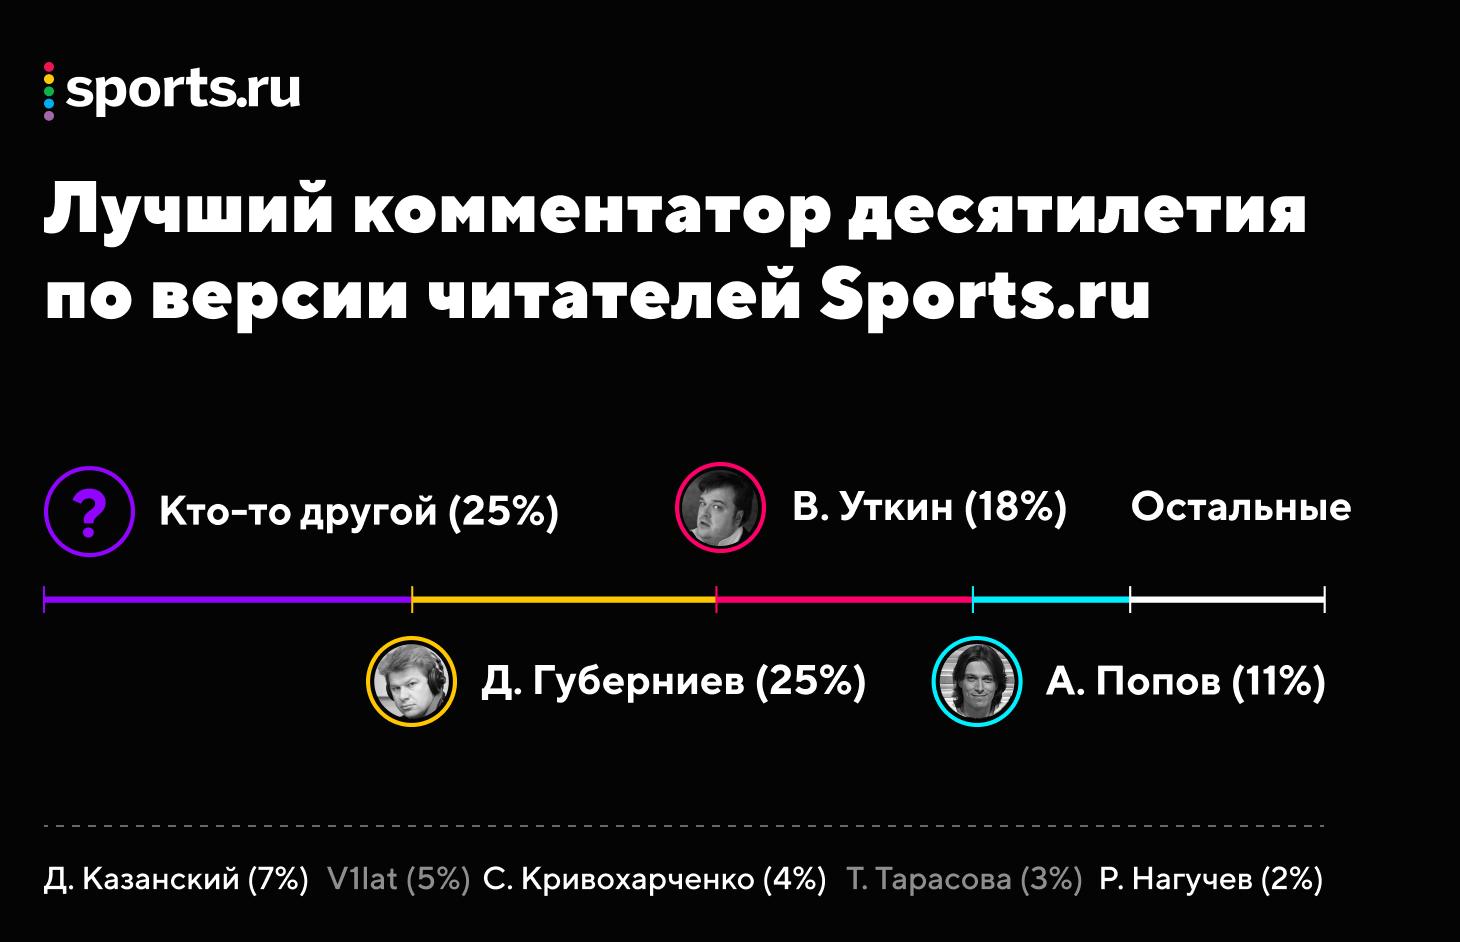 Кто лучший комментатор десятилетия по версии читателей Sports.ru?